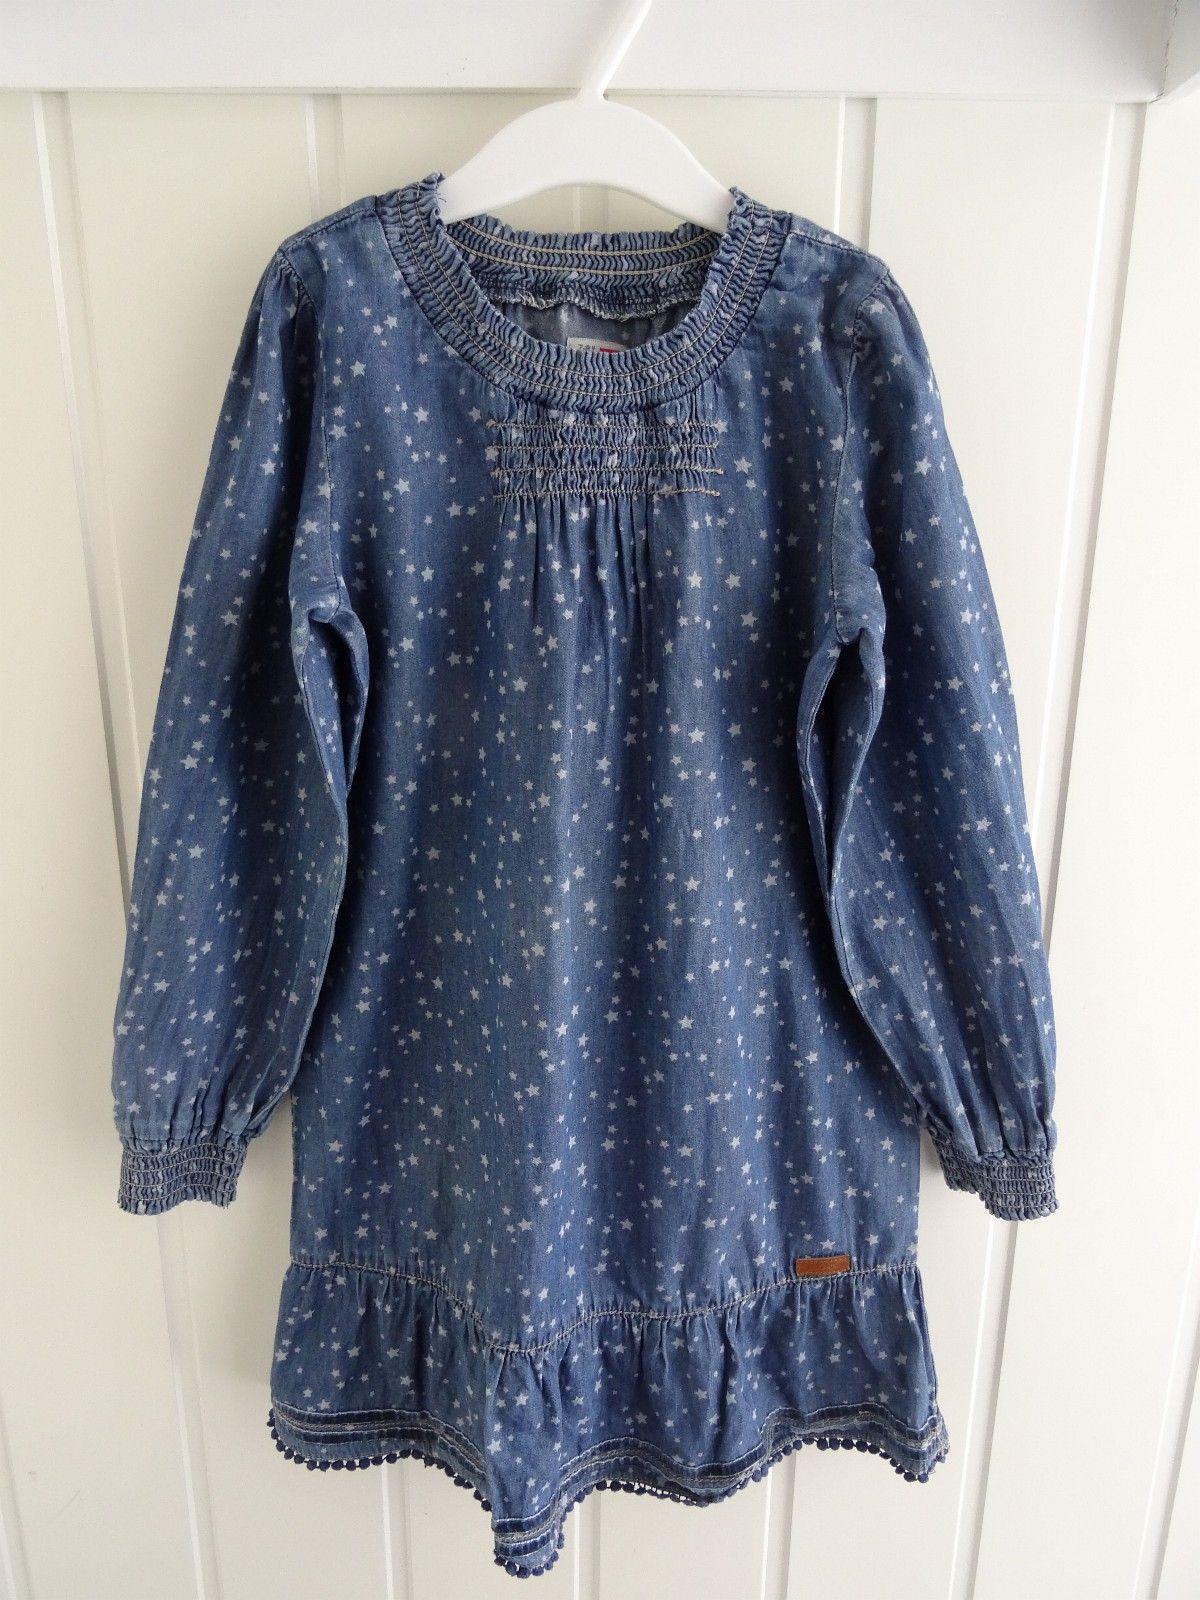 ce879780 Flott kjole i myk dongeri fra Name it i str 110. Kjolen er overstrødd med  små stjerner i stoffet. Pent brukt! Kr 150 (1/21)